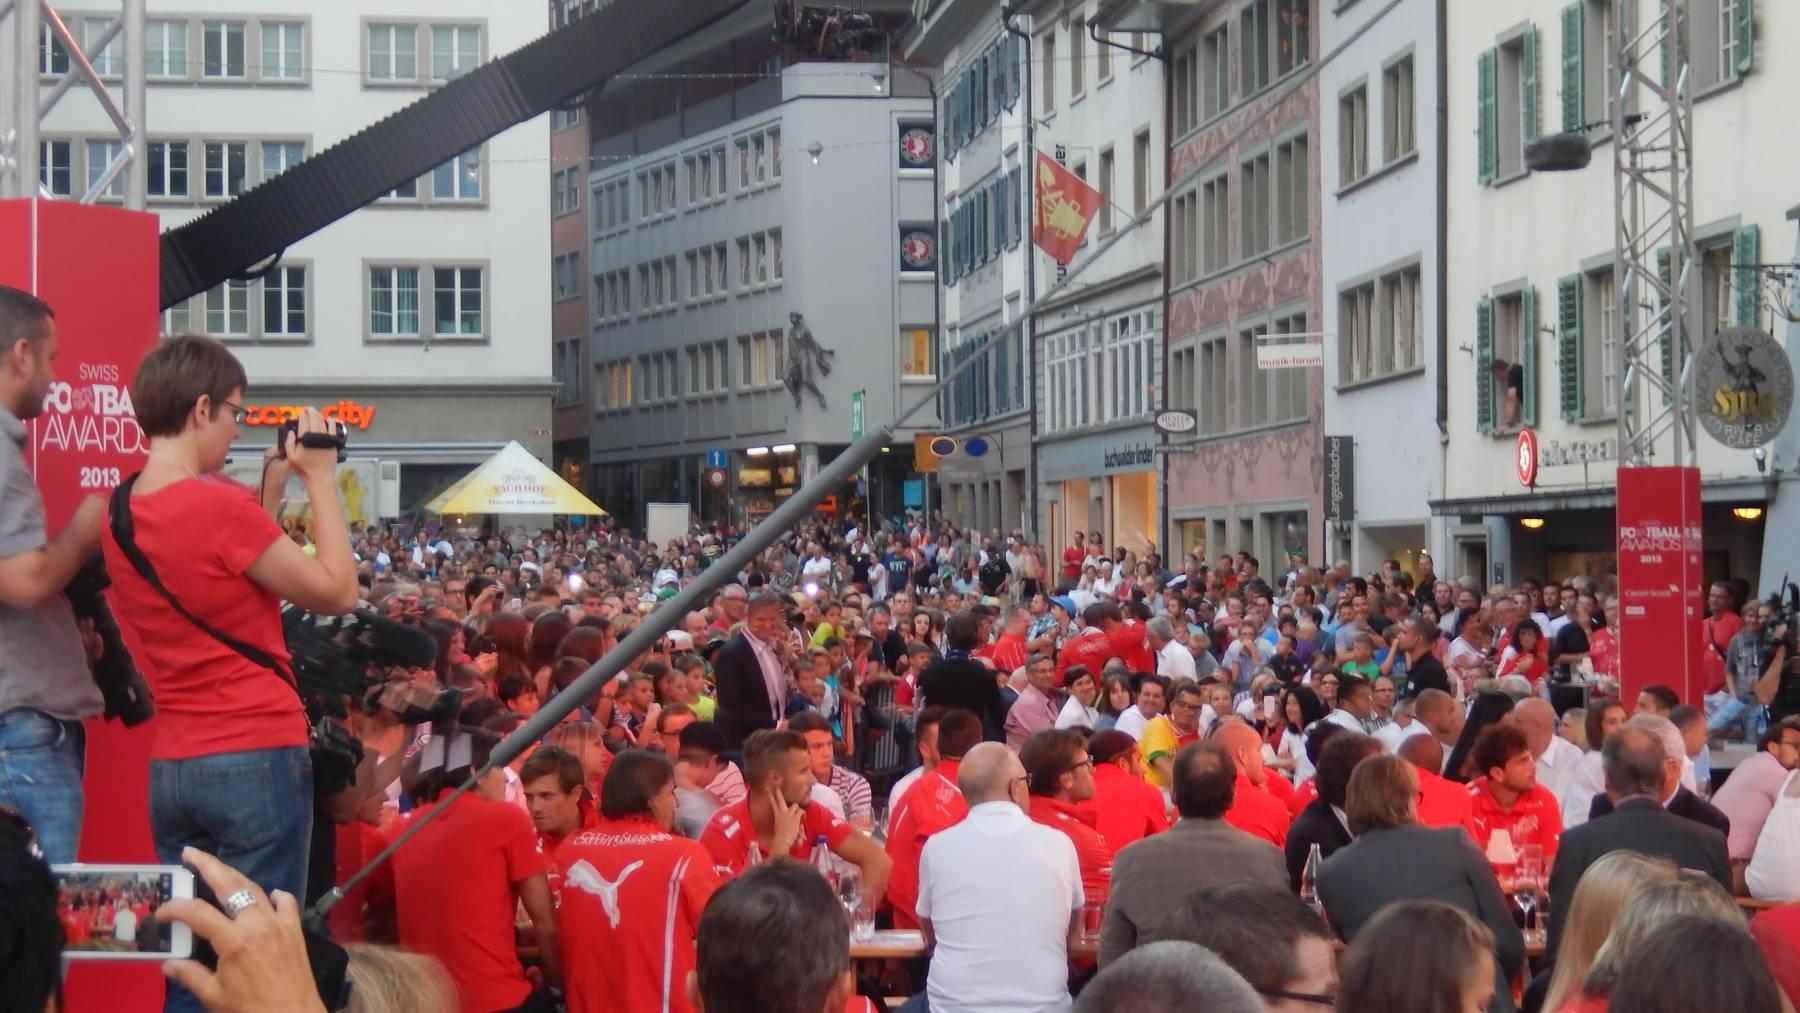 Nacht des Schweizer Fussballs 2014 in Sarnen